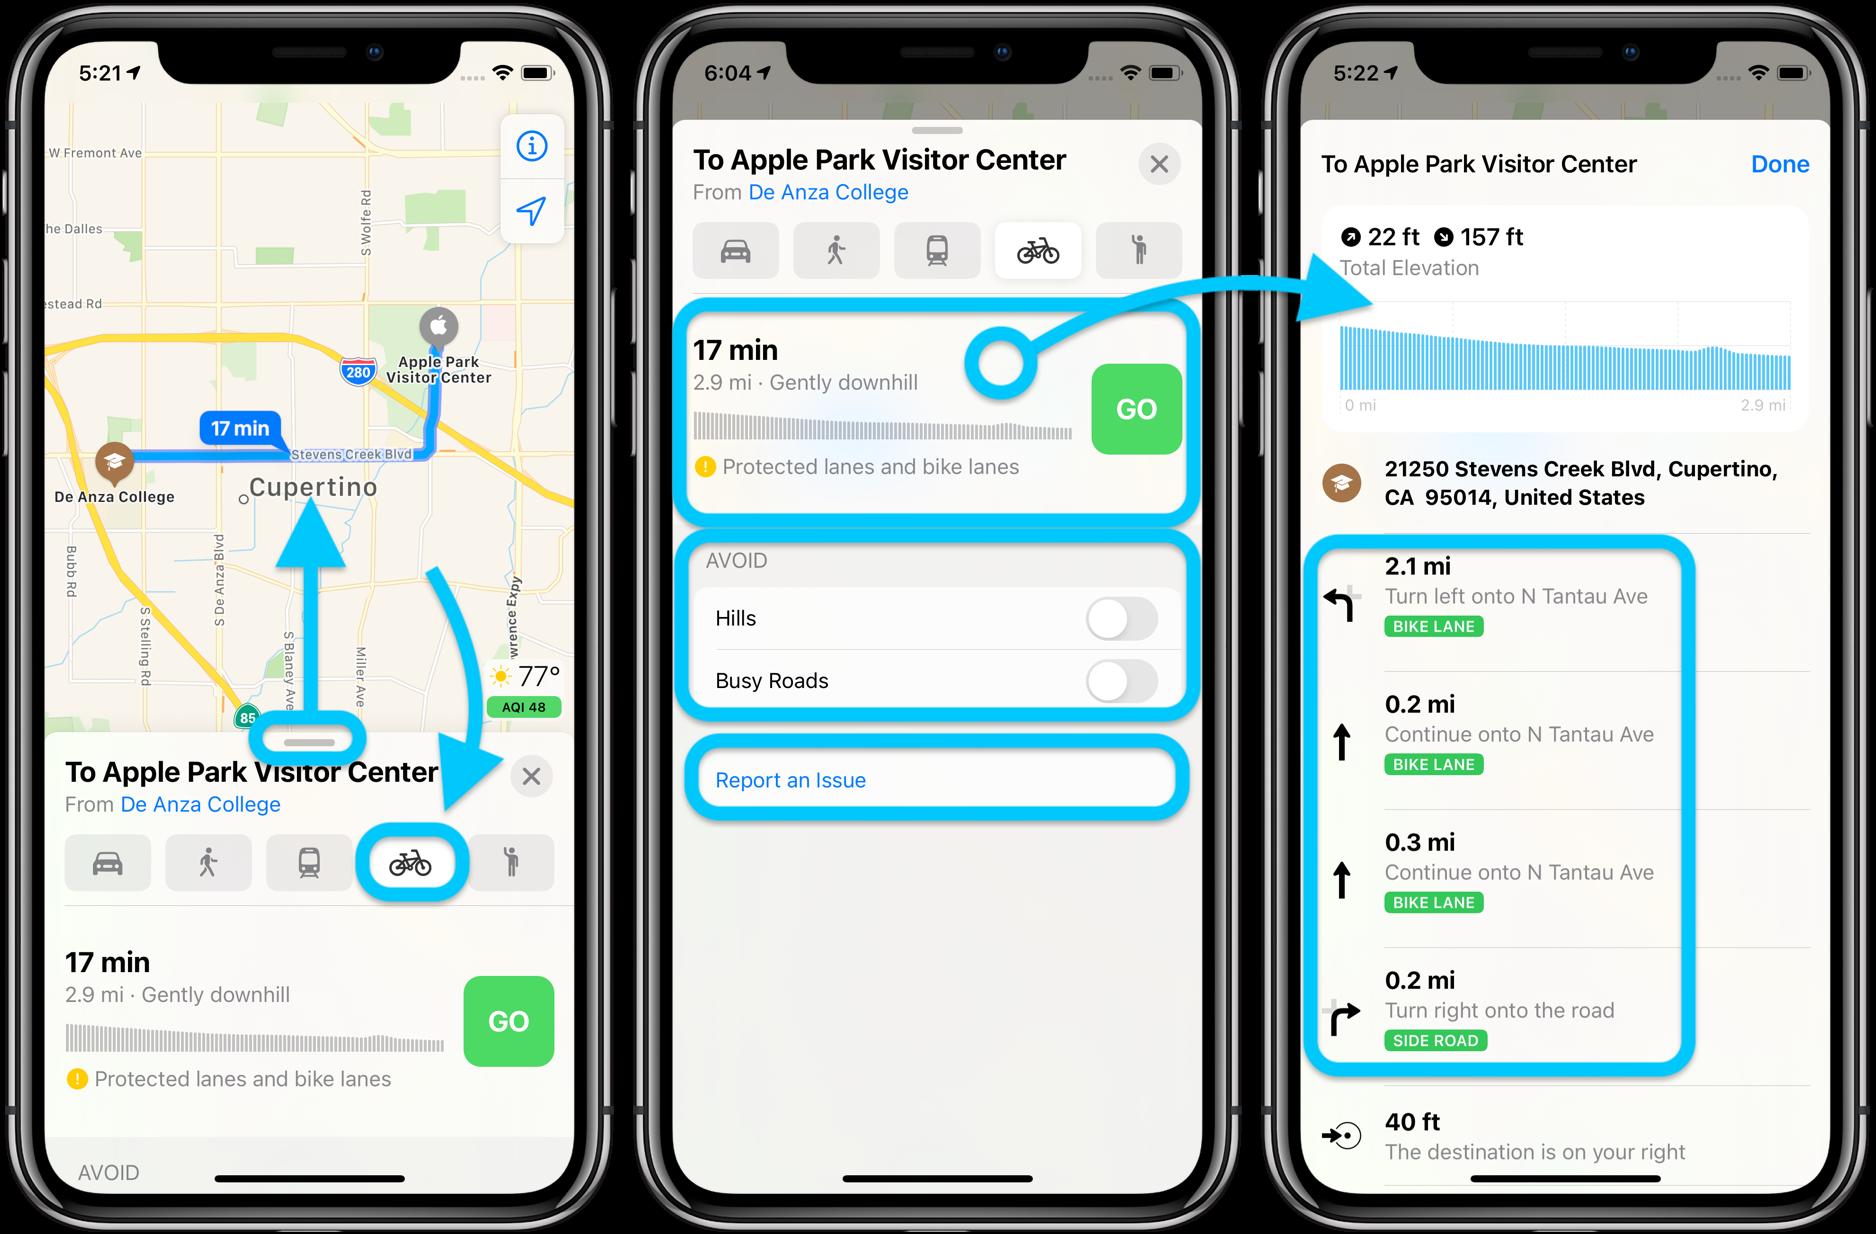 Как использовать велосипедные маршруты Apple Maps в iOS 14, пошаговое руководство 1